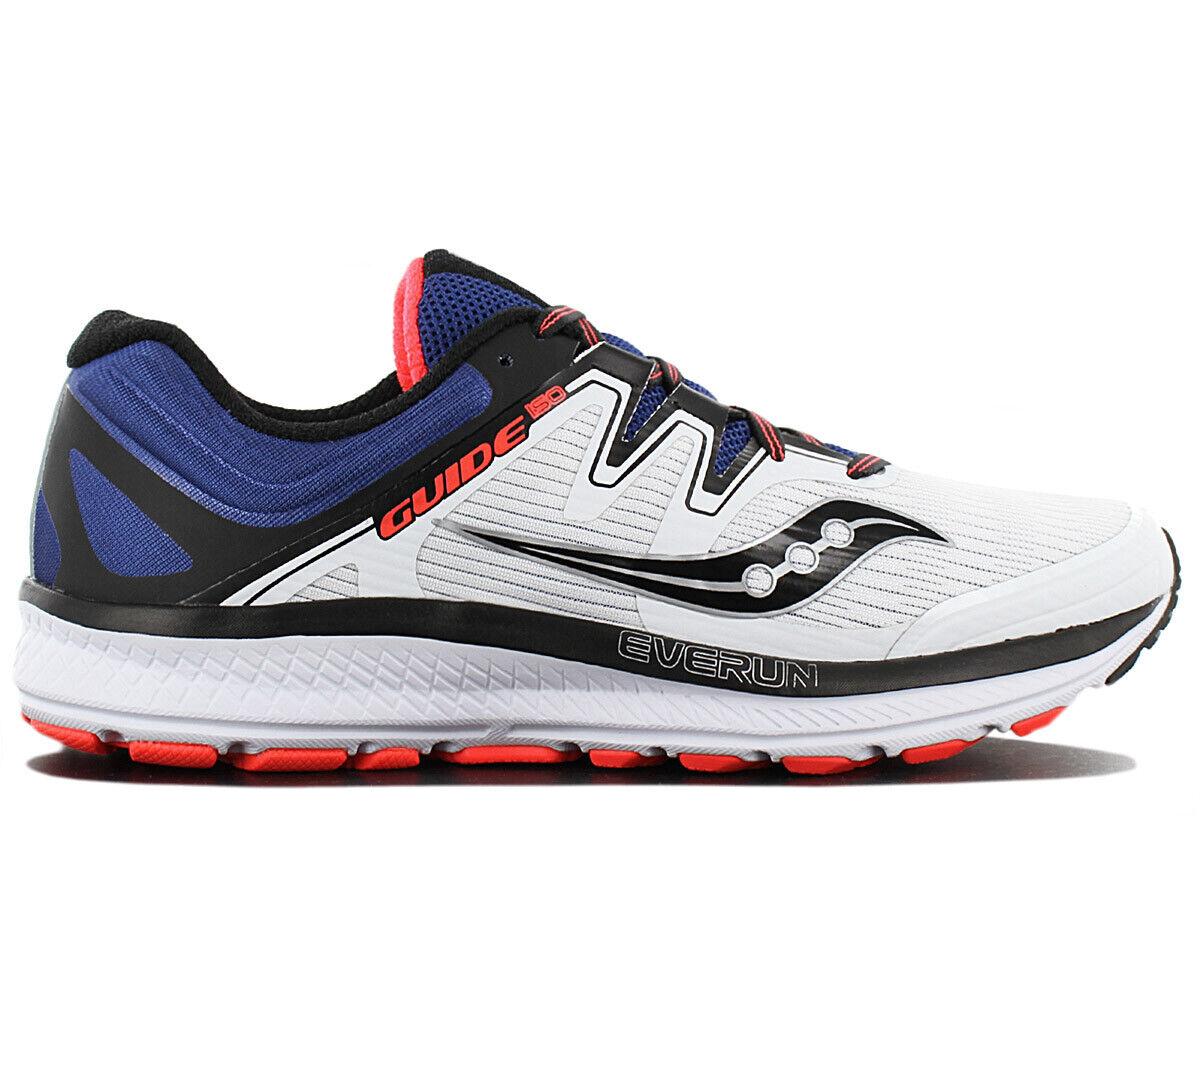 Guida alla Saucony Guide ISO Mens Running scarpe  bianca S20415 -4 Scarpe in corsa nuove  spedizione veloce a te